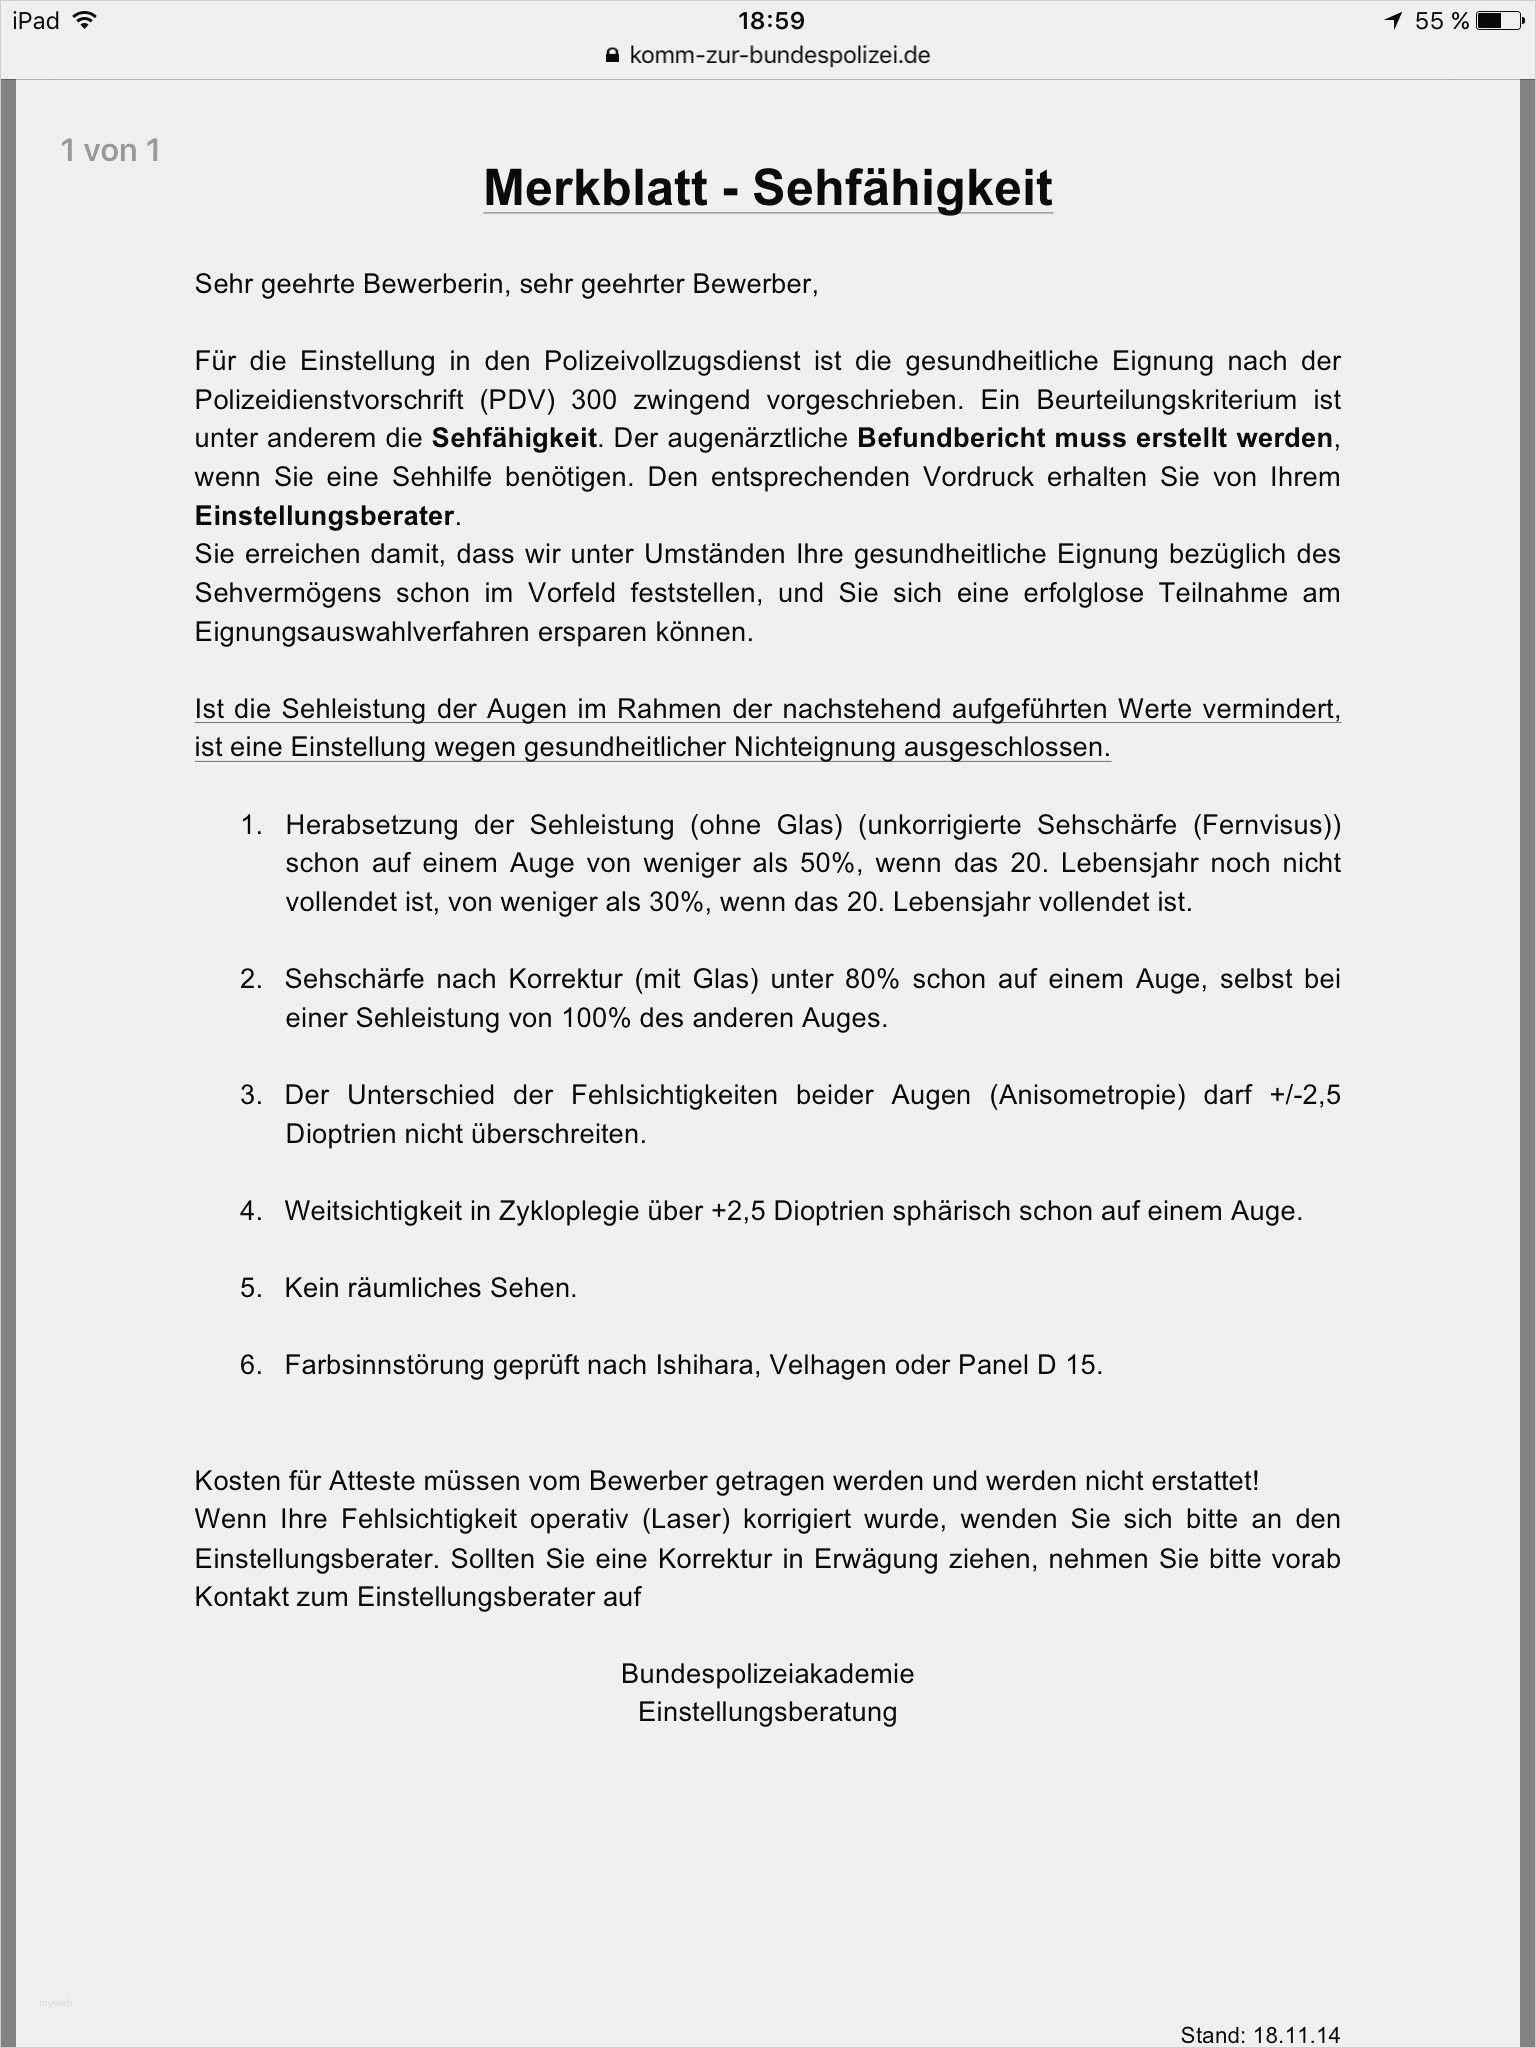 Einzigartig Ausformulierter Lebenslauf Briefprobe Briefformat Briefvorlage Lebenslauf Briefvorlagen Leben